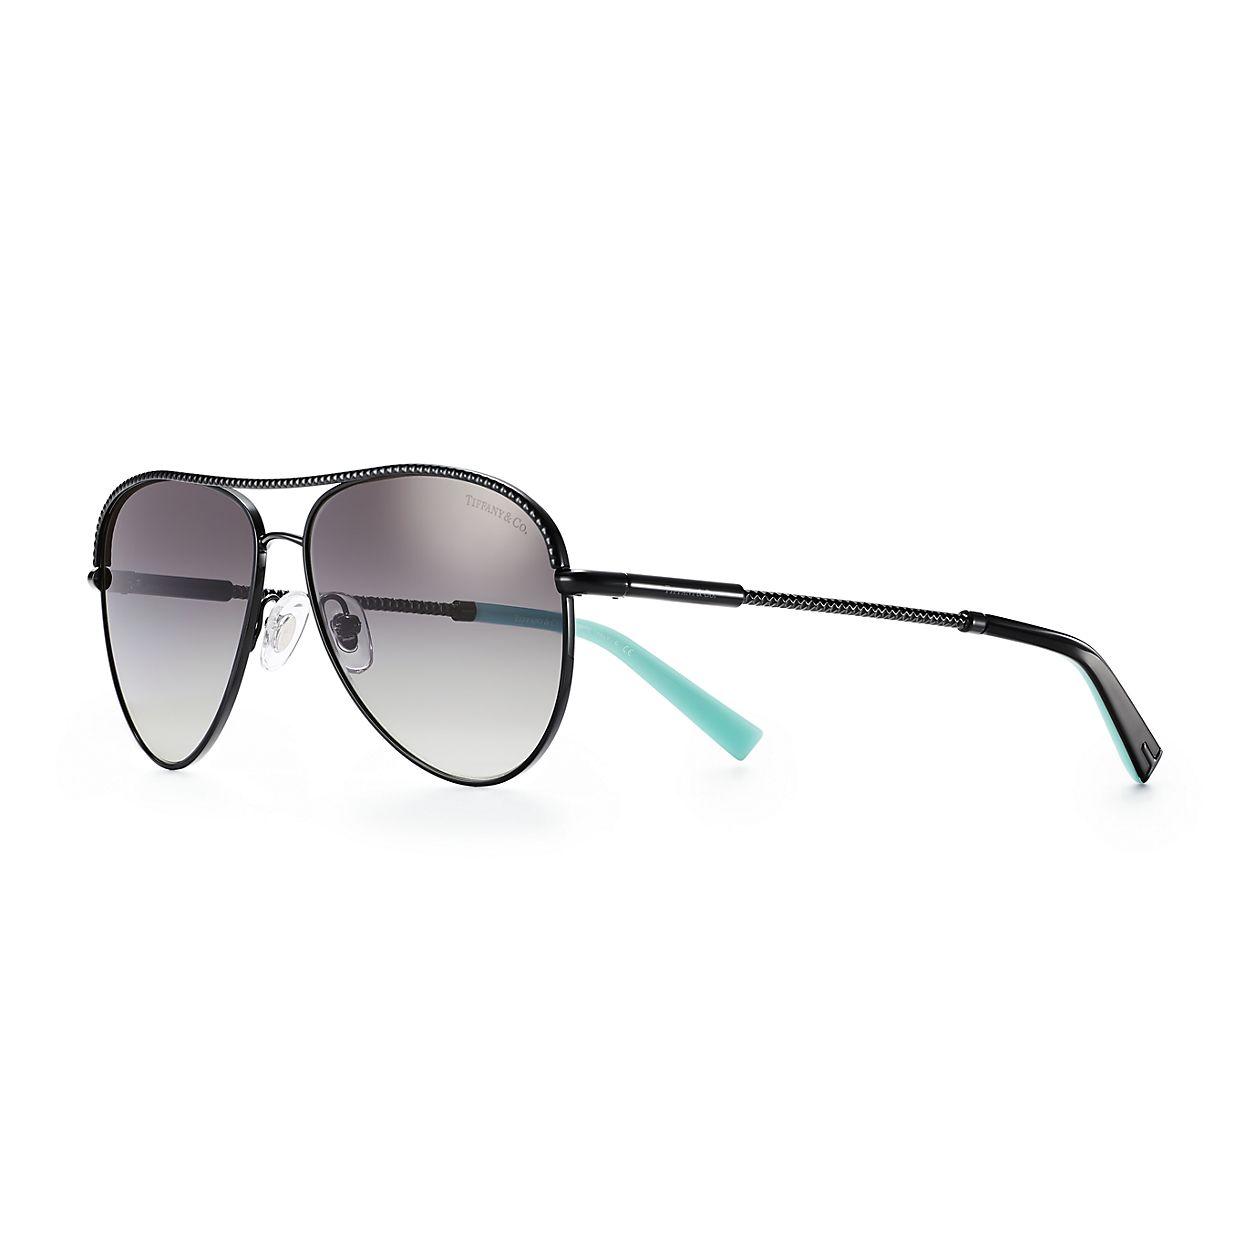 364e7e8ef4 Diamond Point Aviator Sunglasses Diamond Point Aviator Sunglasses